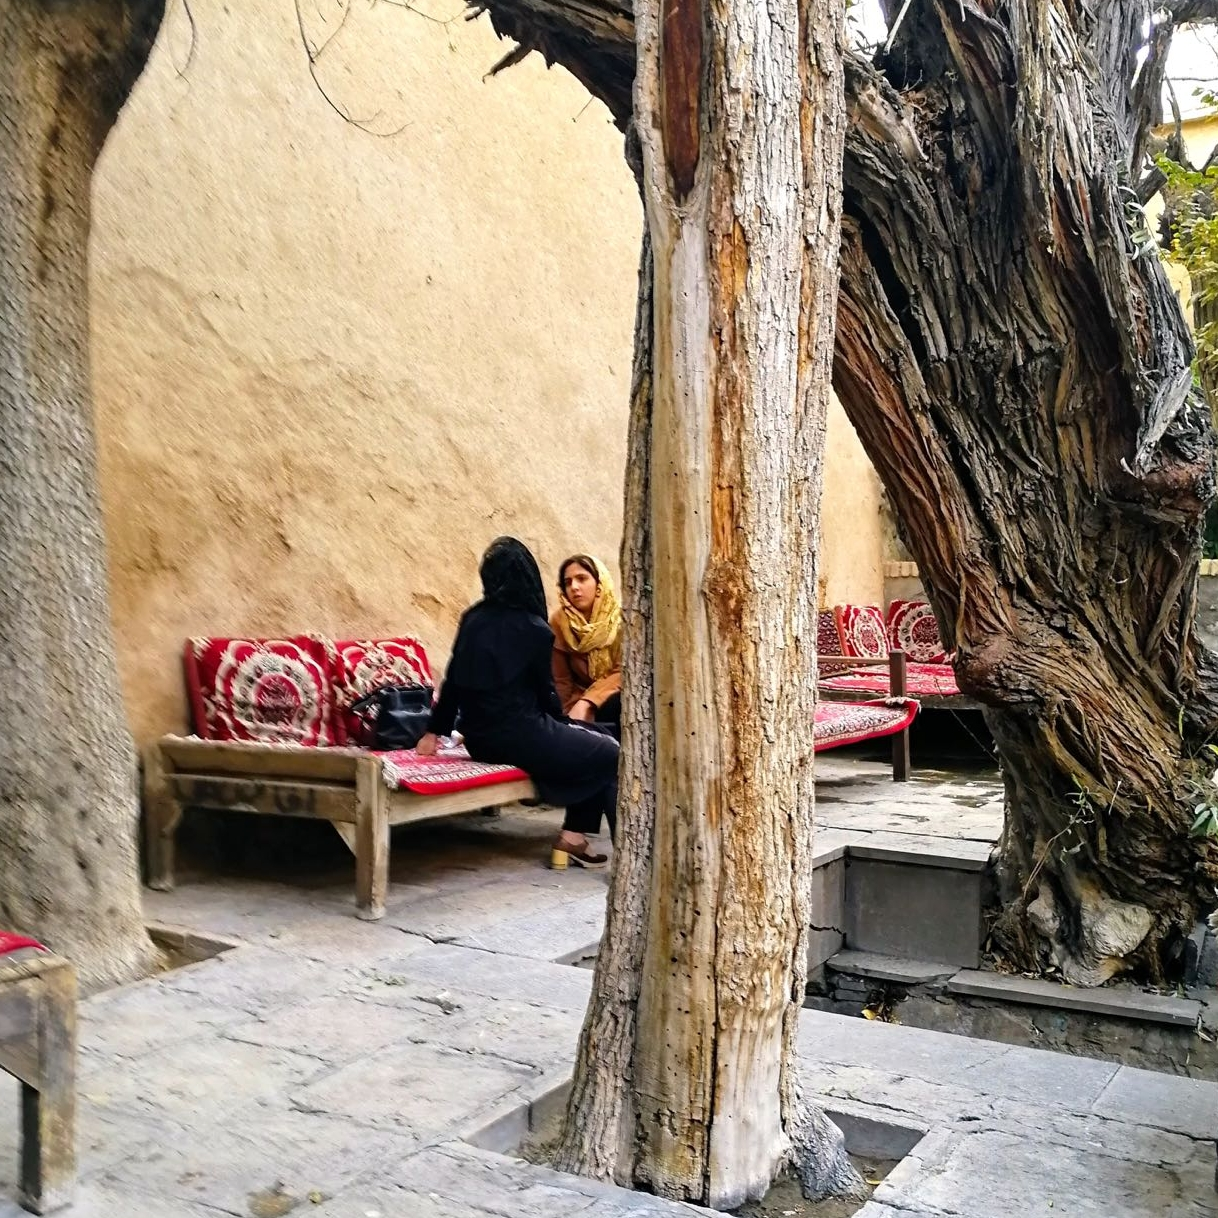 Iran-Kashan-Fin-garden-tea-house.jpg